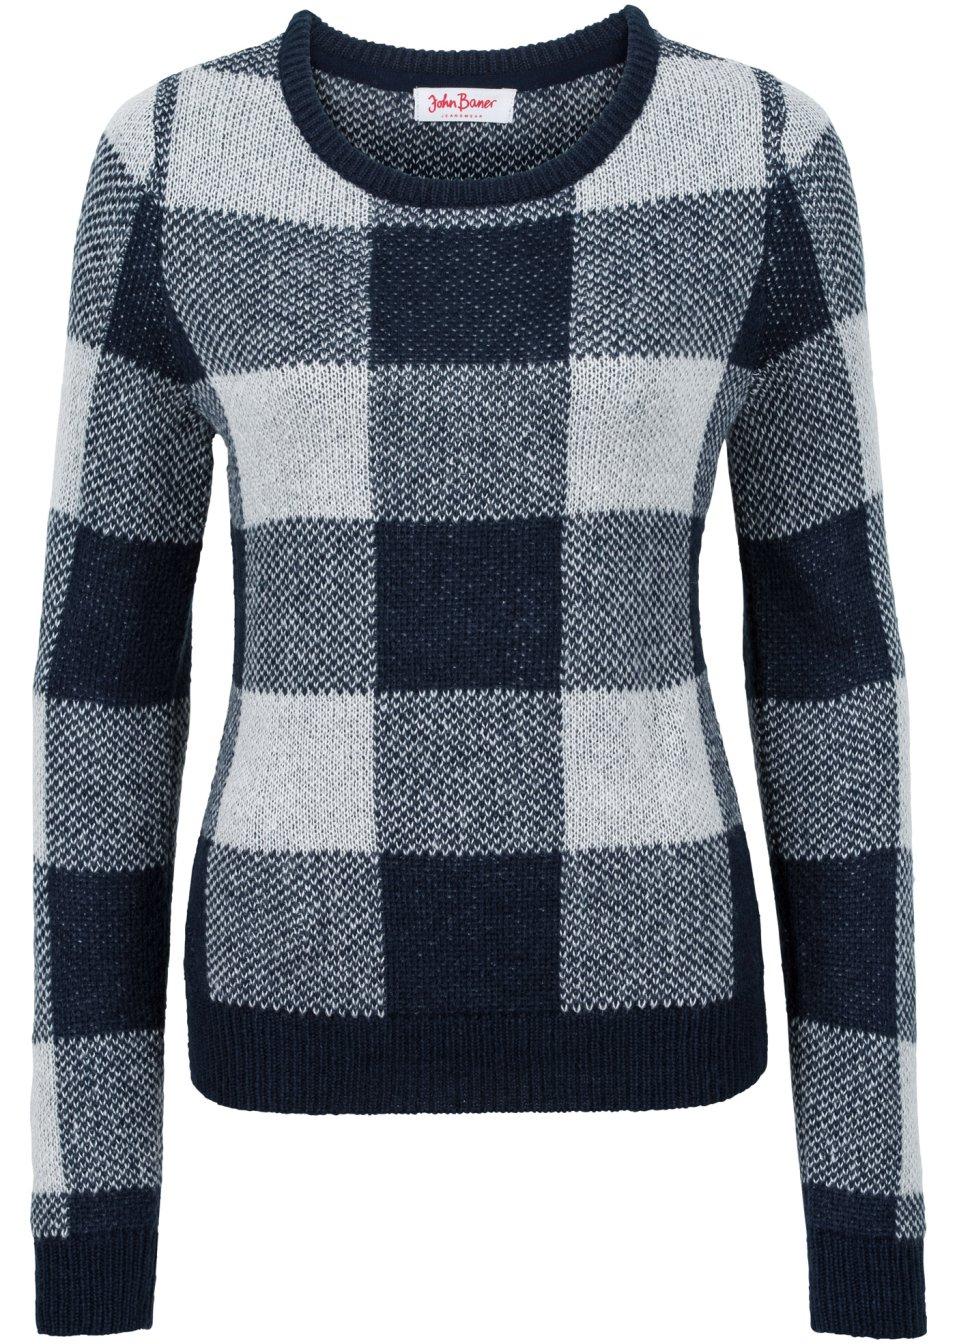 Kombistarker rundhals pullover mit rippkanten blau kariert for Pull a carreaux